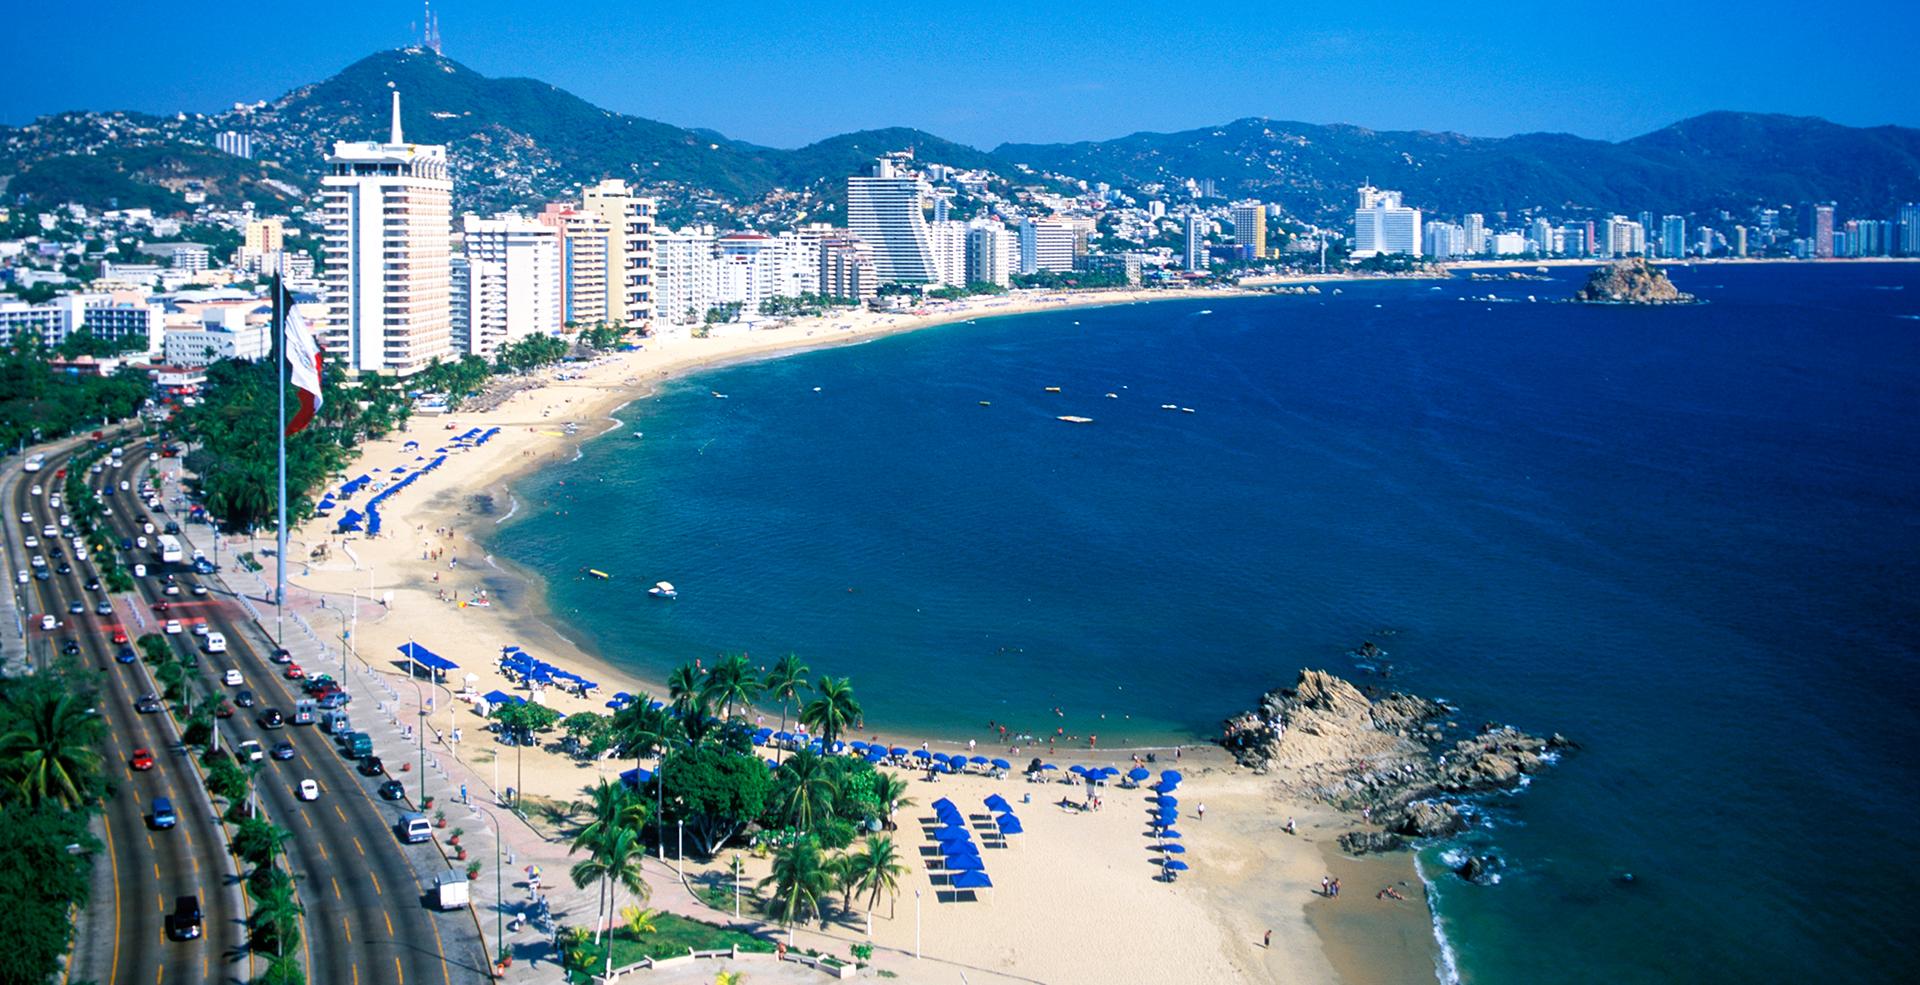 Webcam Acapulco en Vivo